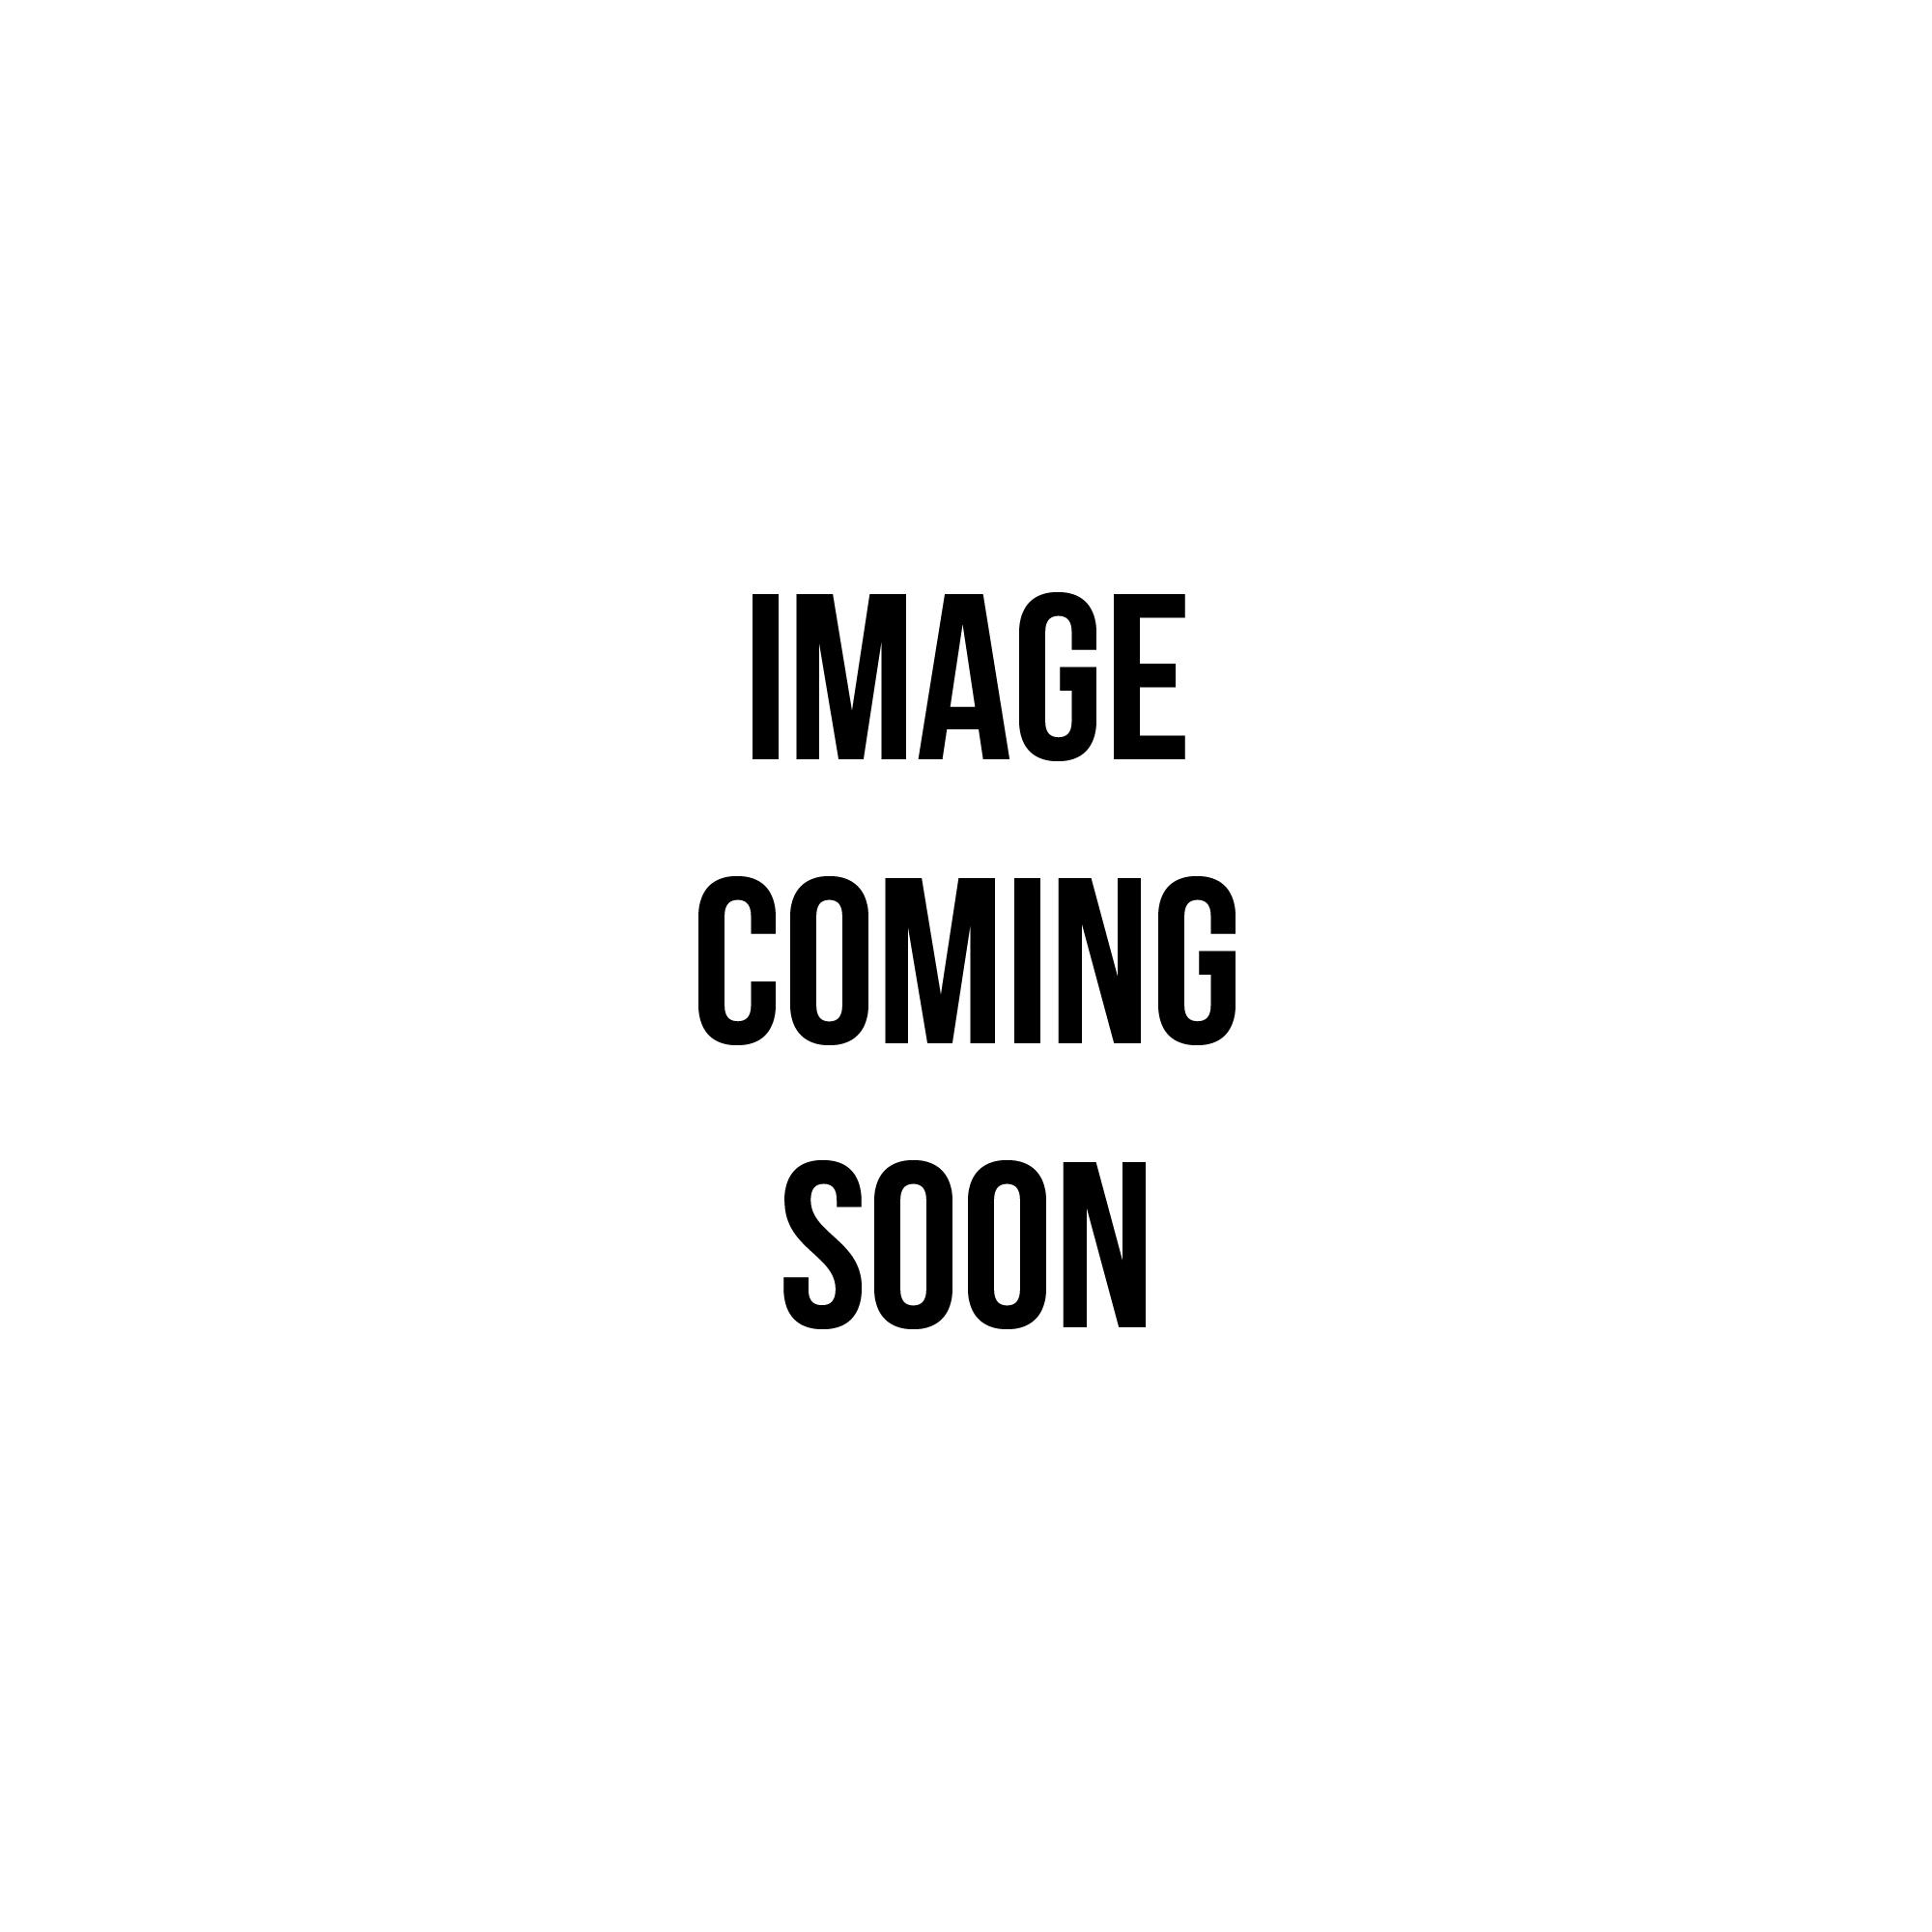 de nouveaux styles Nike Huarache Courir Ultra - Filles En Bas Âge 2015 nouvelle parfait en ligne visite meilleur pas cher 7HhQxy